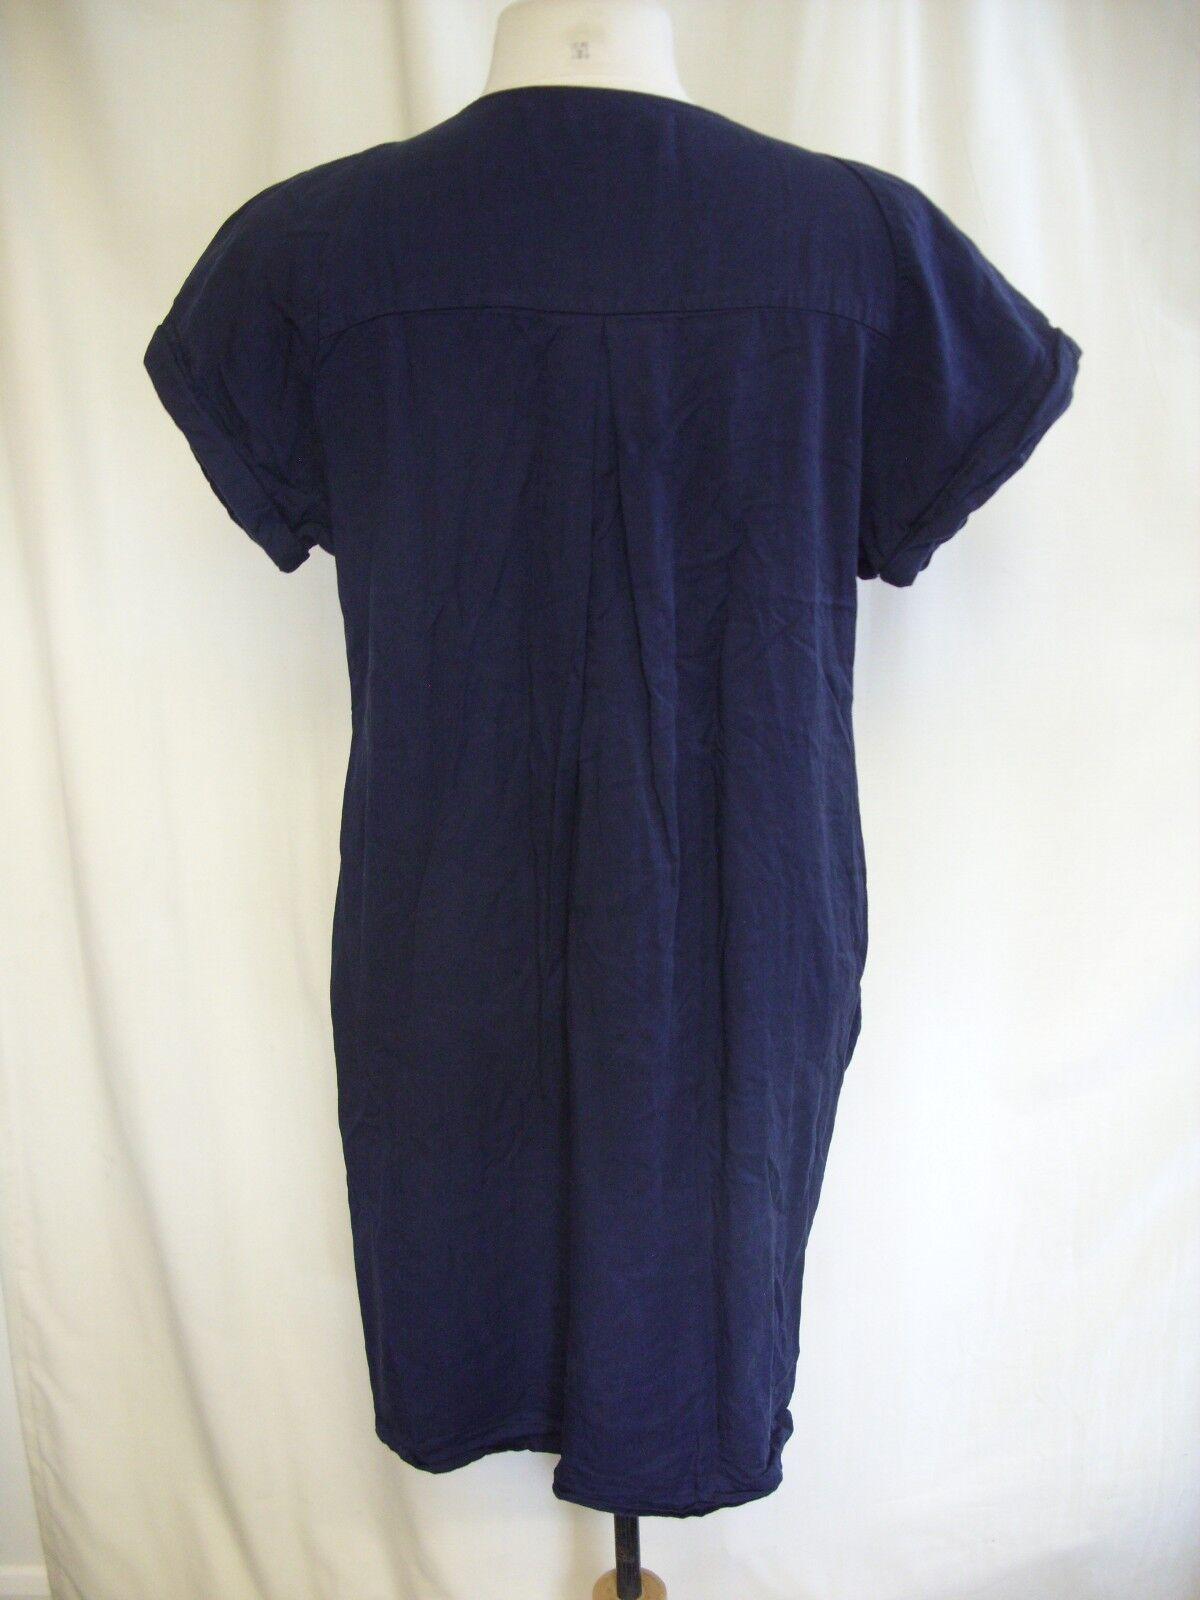 Vestito donna Whistles blu navy stile di di di Smock, EU 40 US 8, casual 0467 7ef4f5